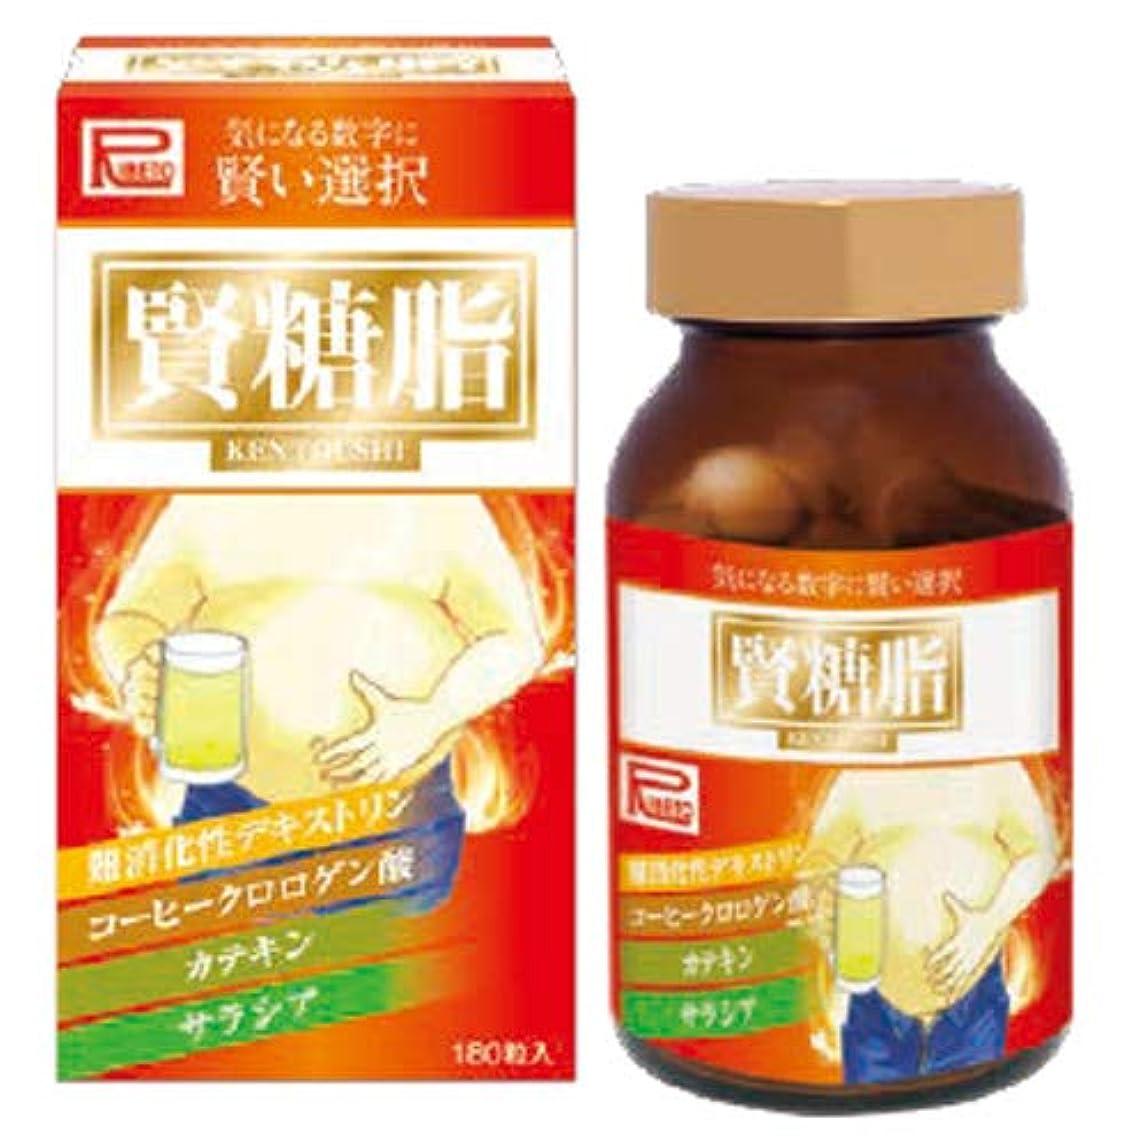 トチの実の木ナチュラ九月賢糖脂(ケントウシ)